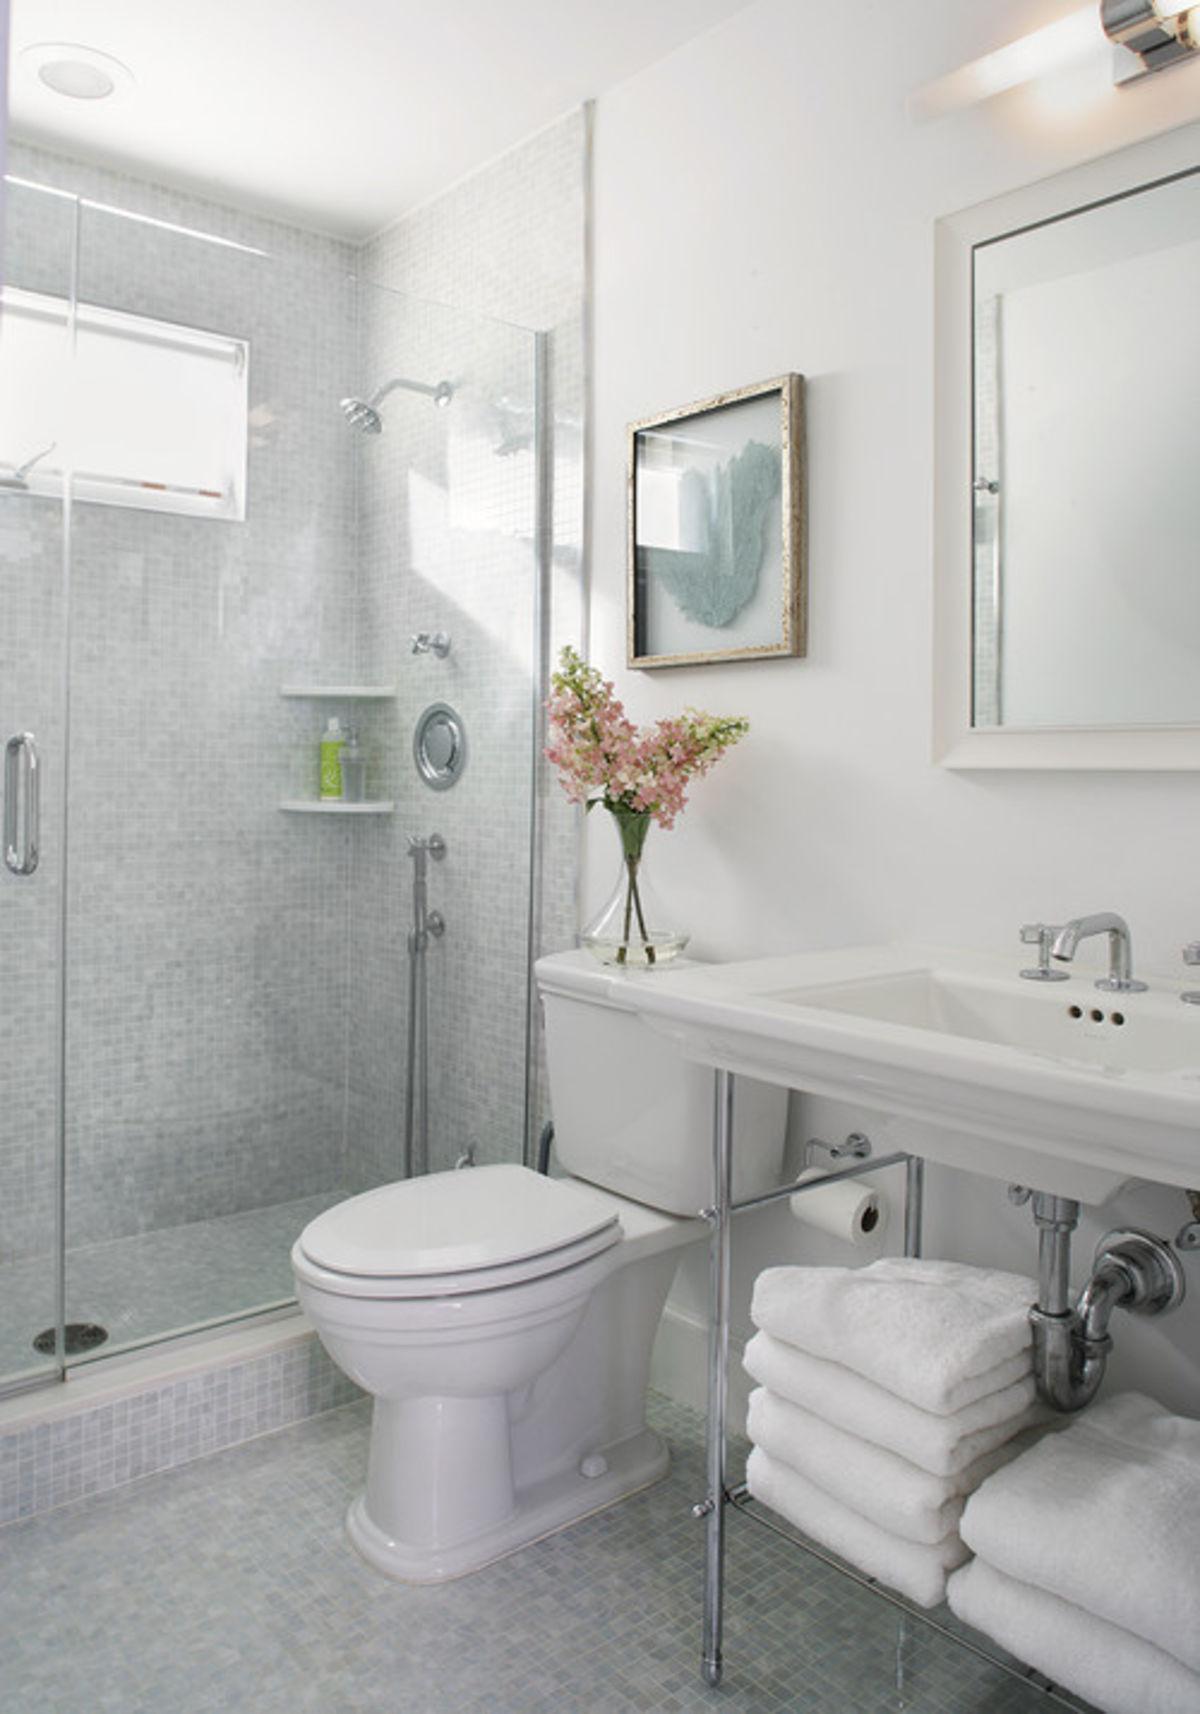 Sử dụng vanity một ngăn: Thiết kế này sẽ giúp phòng tắm thông thoáng hơn so với các loại truyền thống nhưng vẫn có thể phát huy tác dụng lưu trữ đồ dùng.